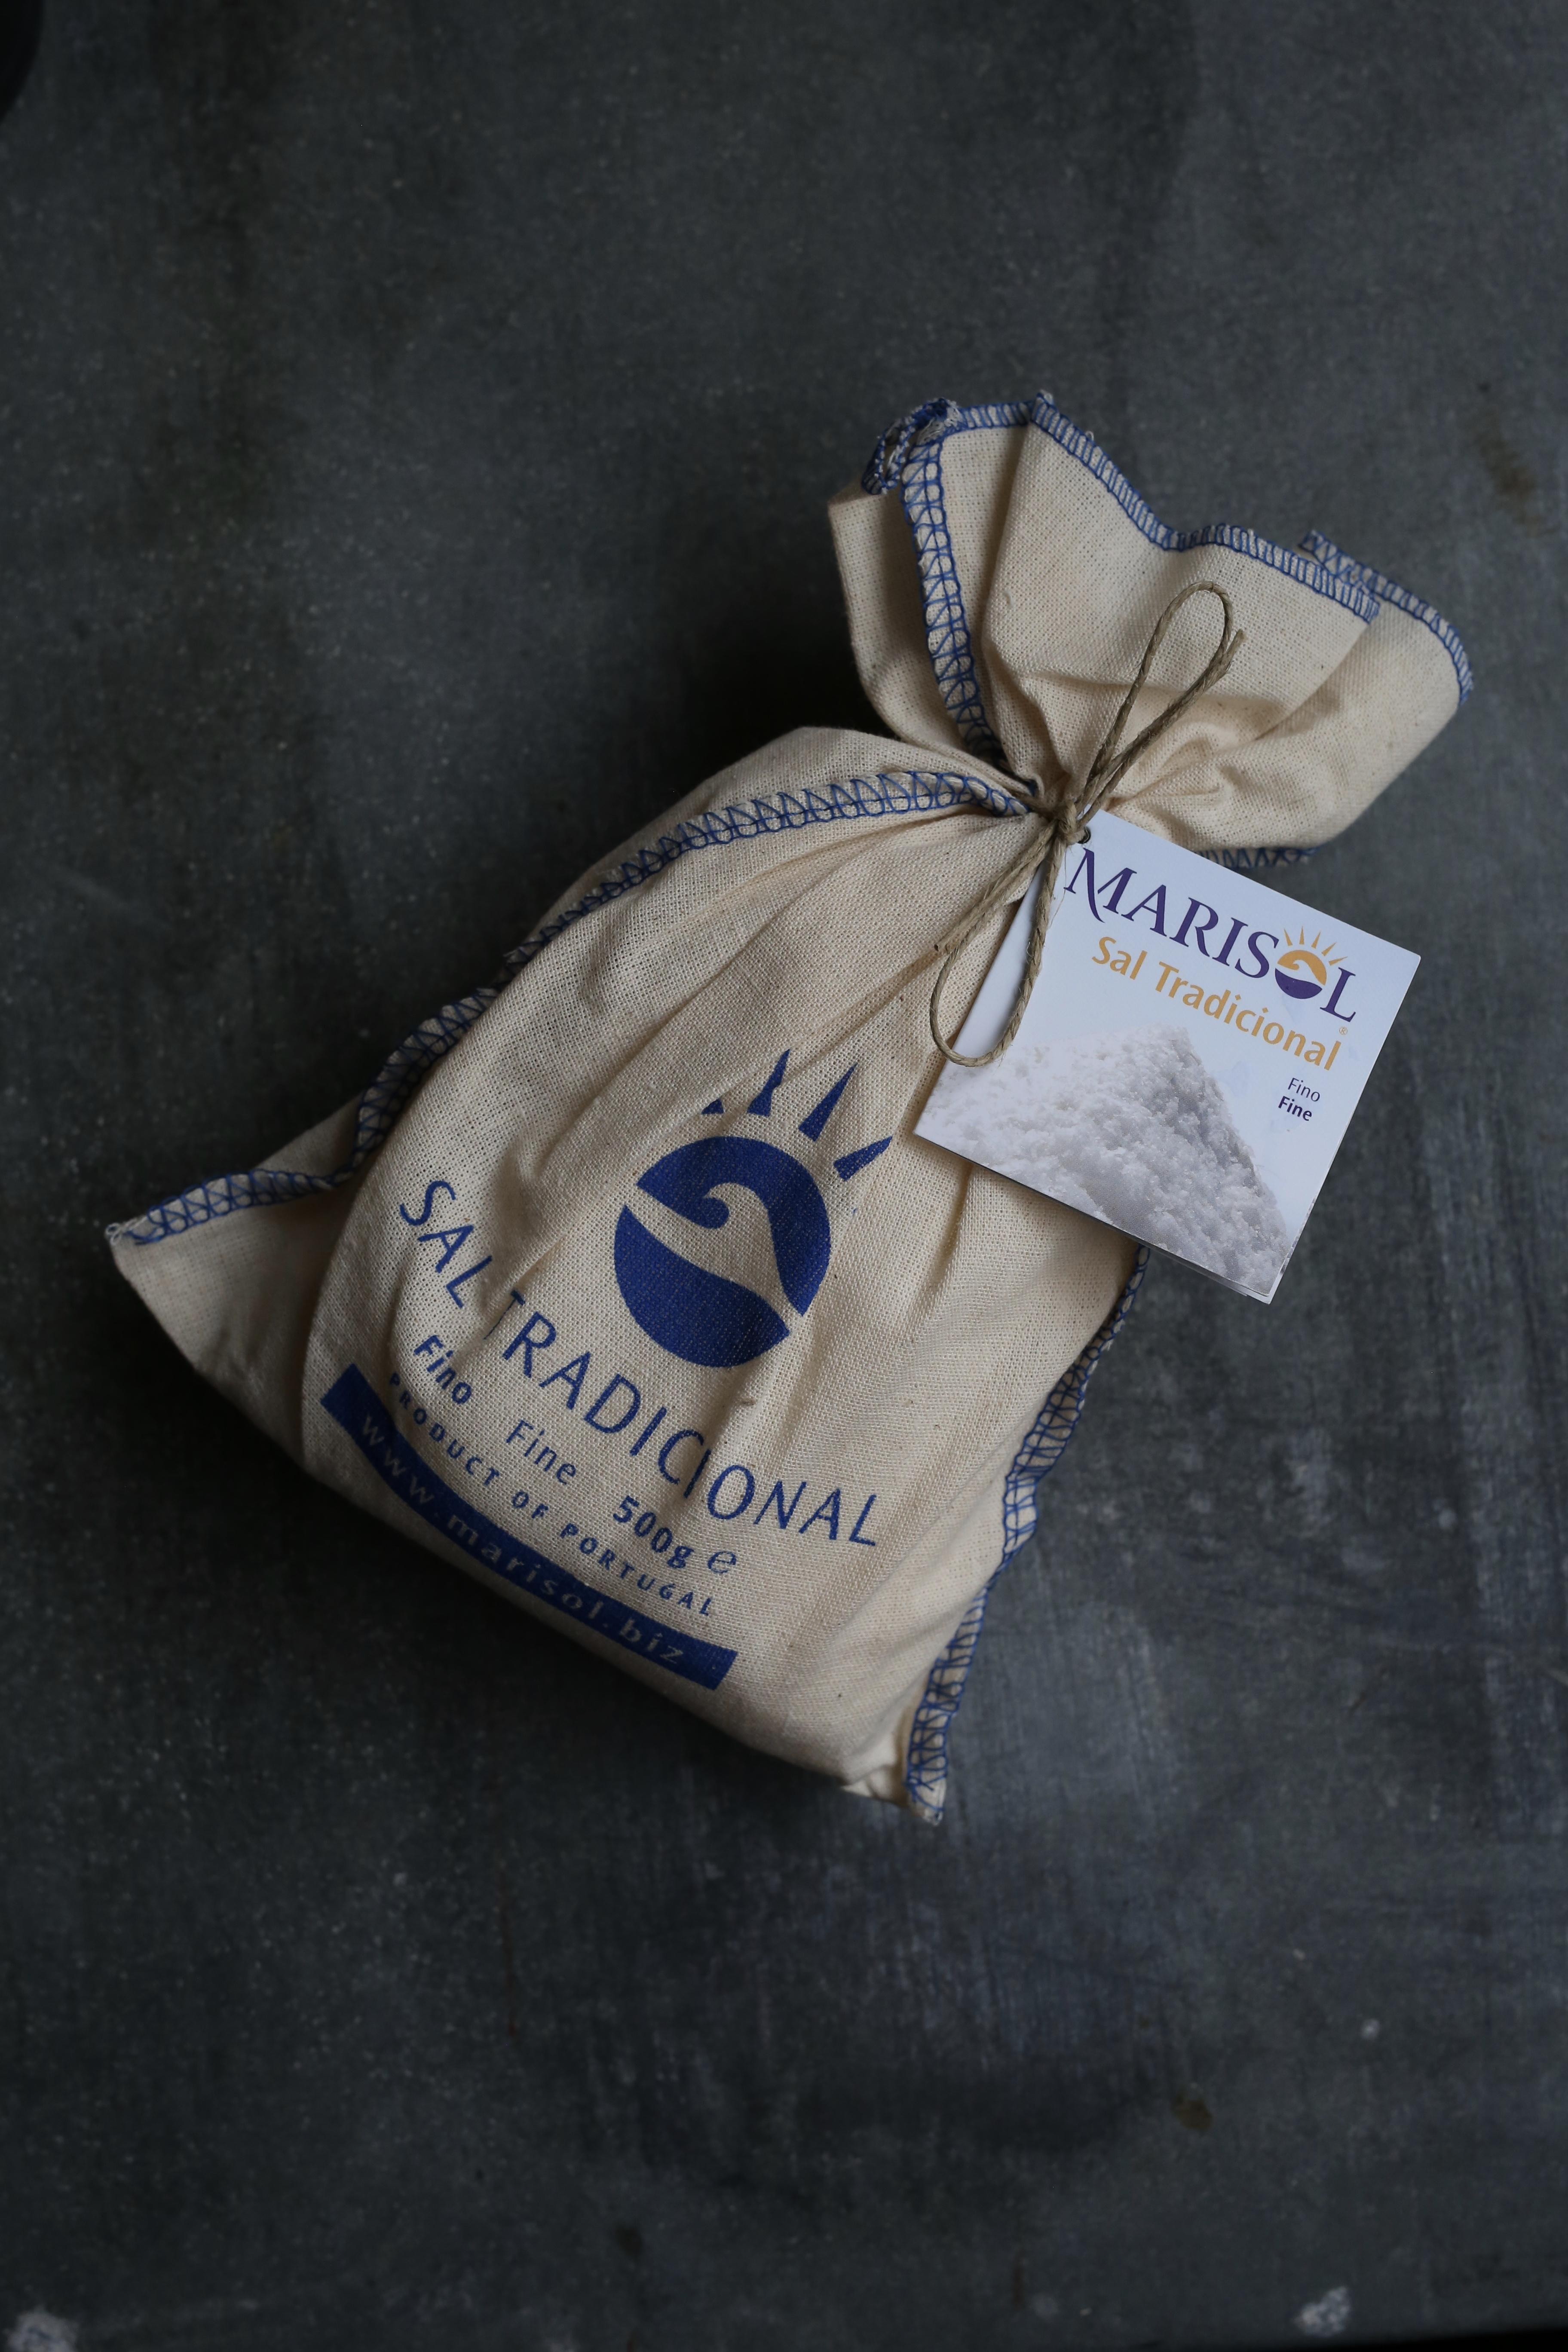 ポルトガル マリソル自然海塩 トラディショナル 顆粒 500g